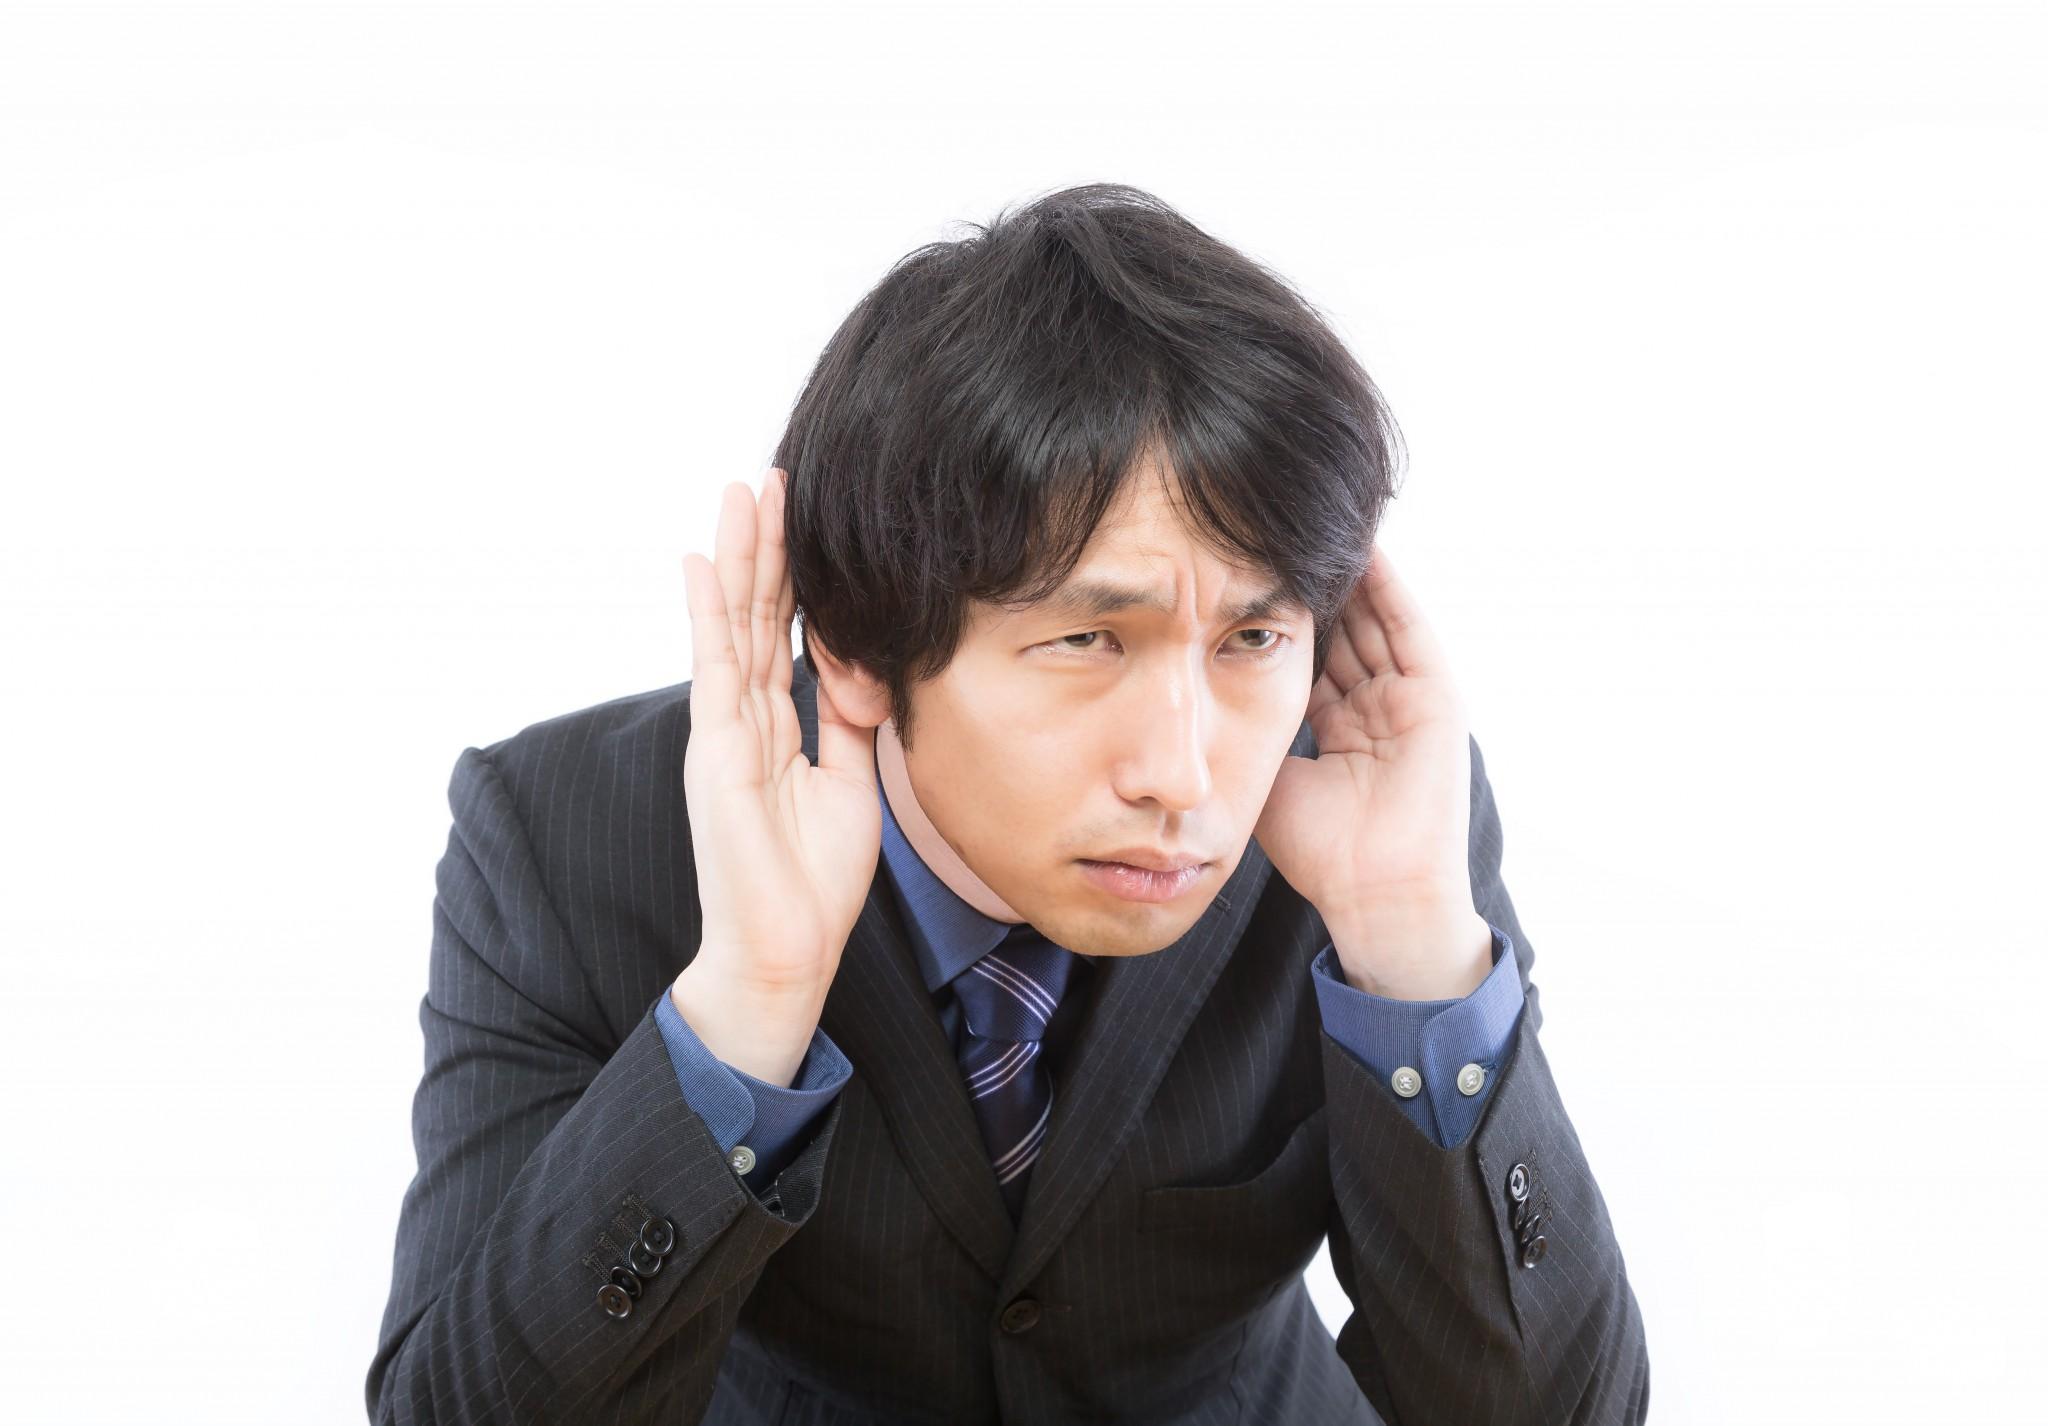 PAK86_ryoumimidekikikaesudansei20140713